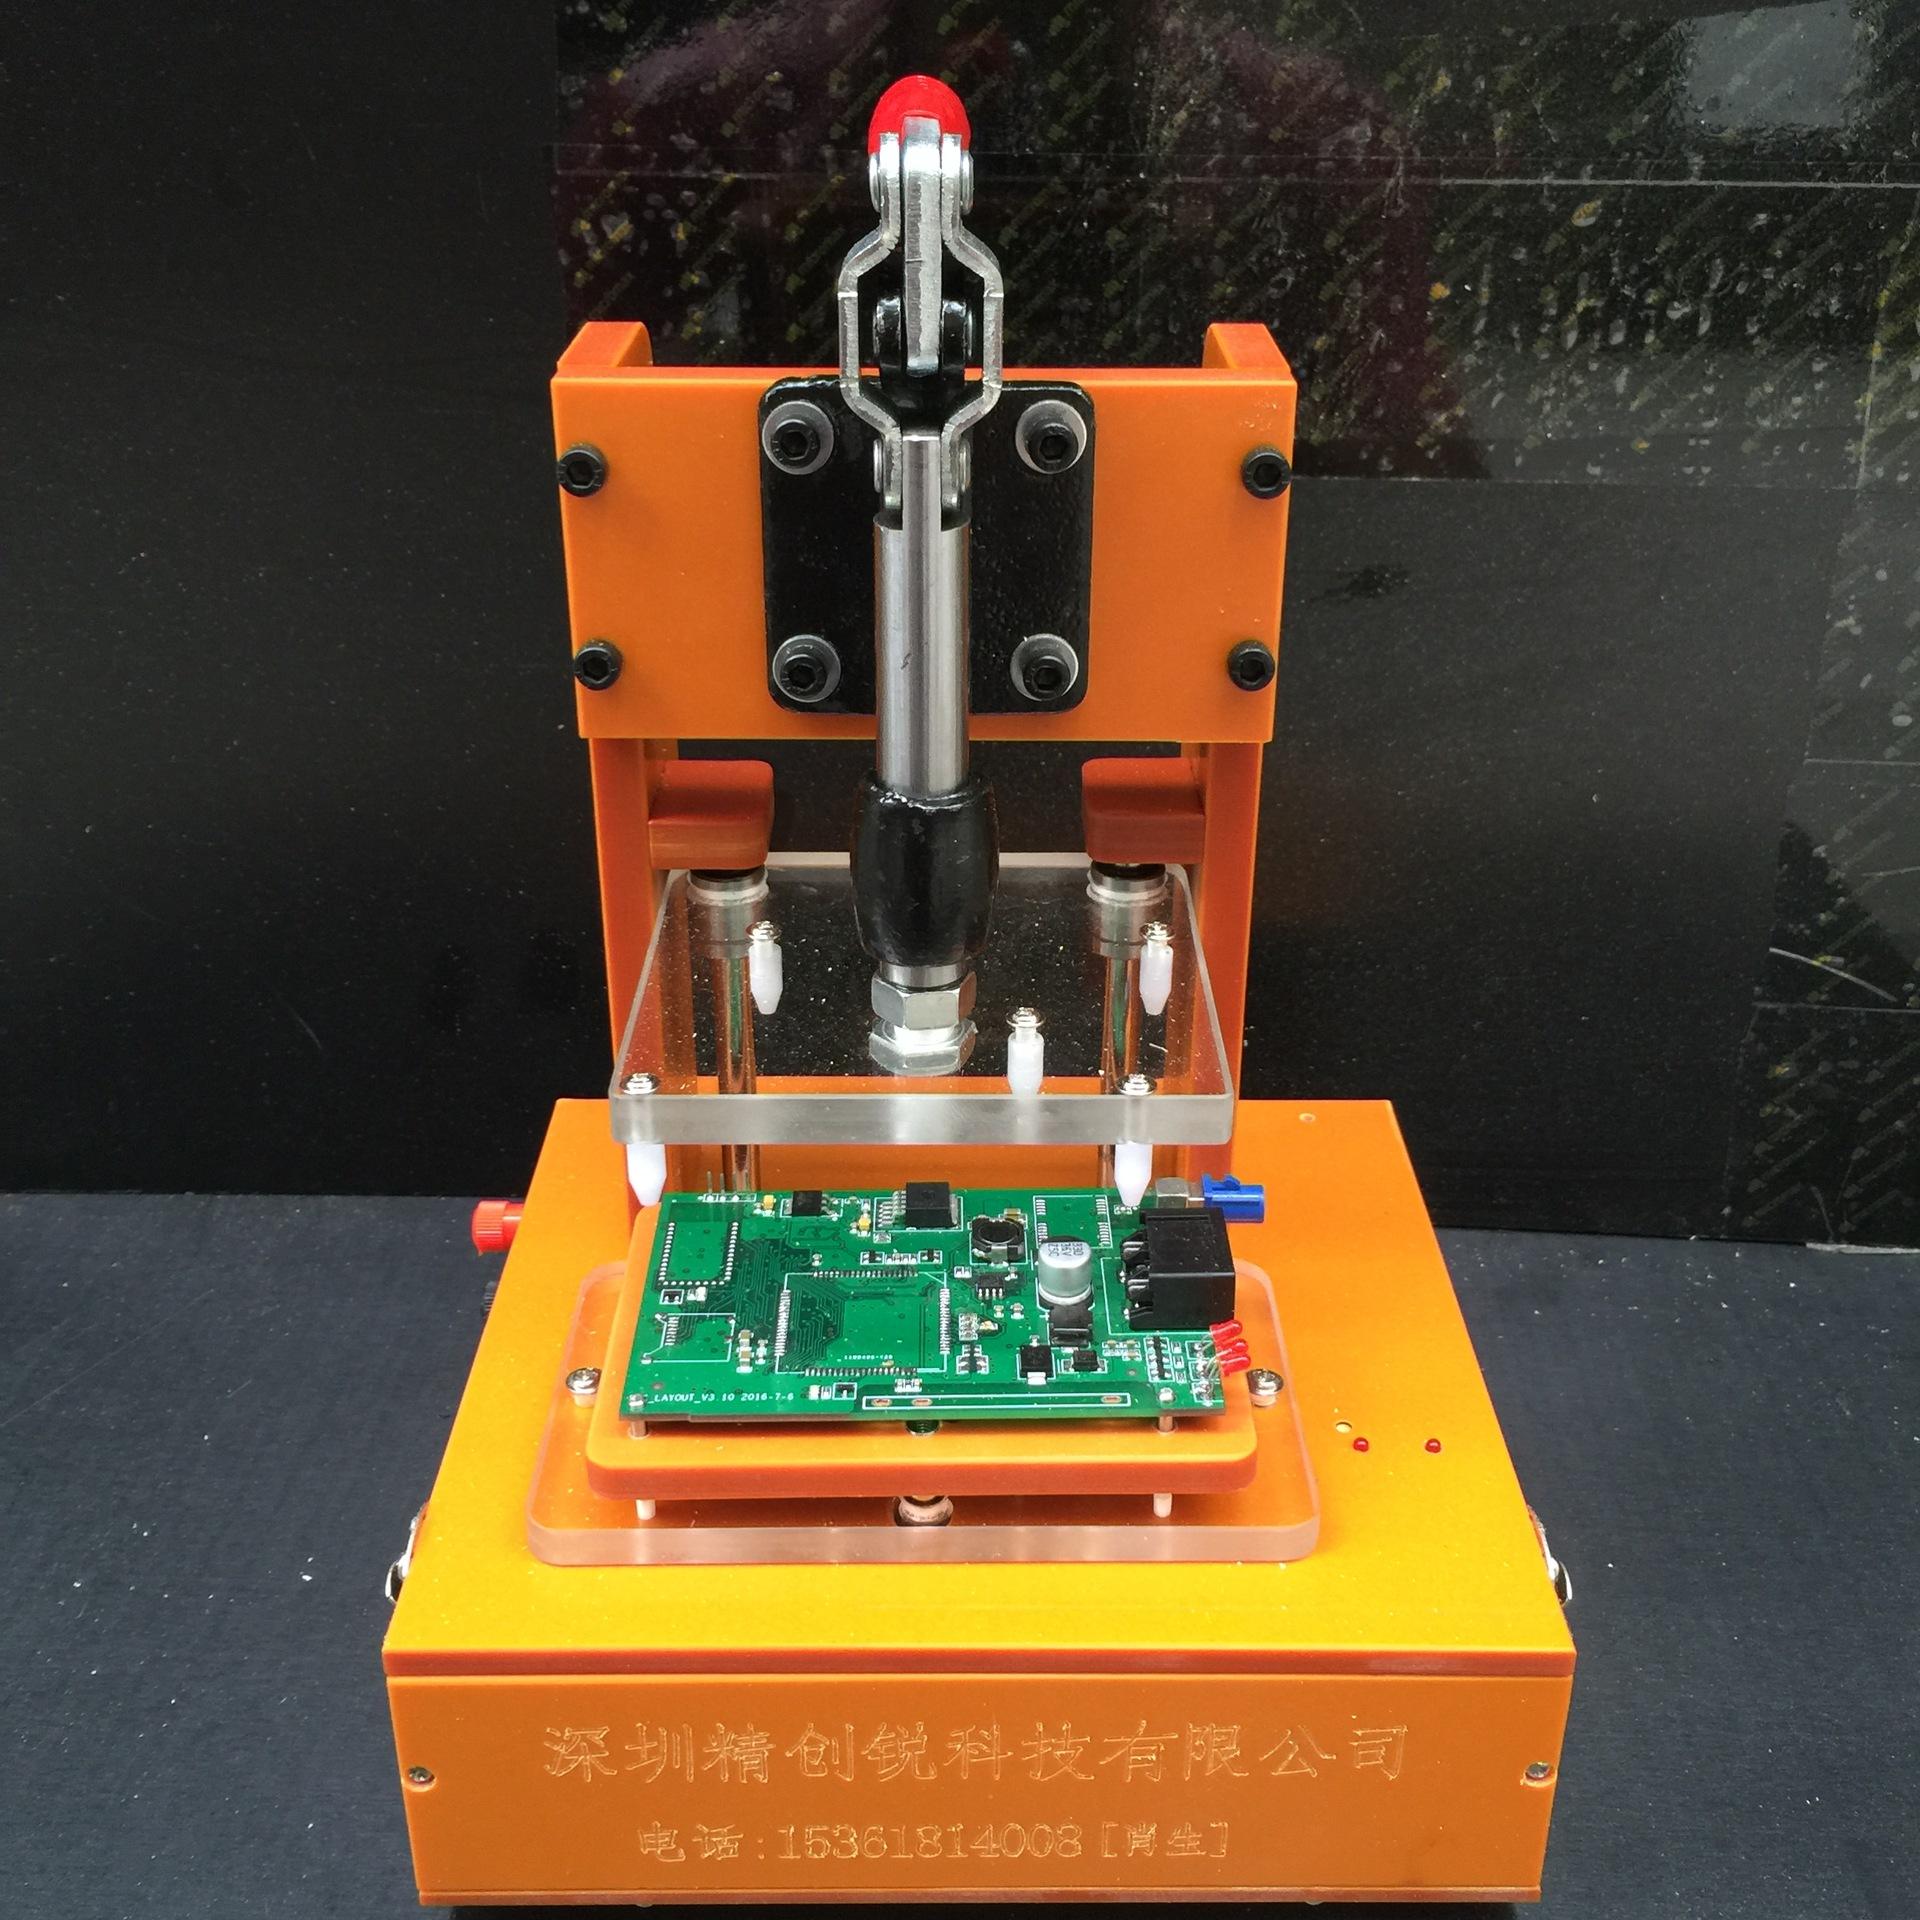 深圳龙岗 PCBA功能测试架、PCBA下载夹具、测试治具、工装夹具。